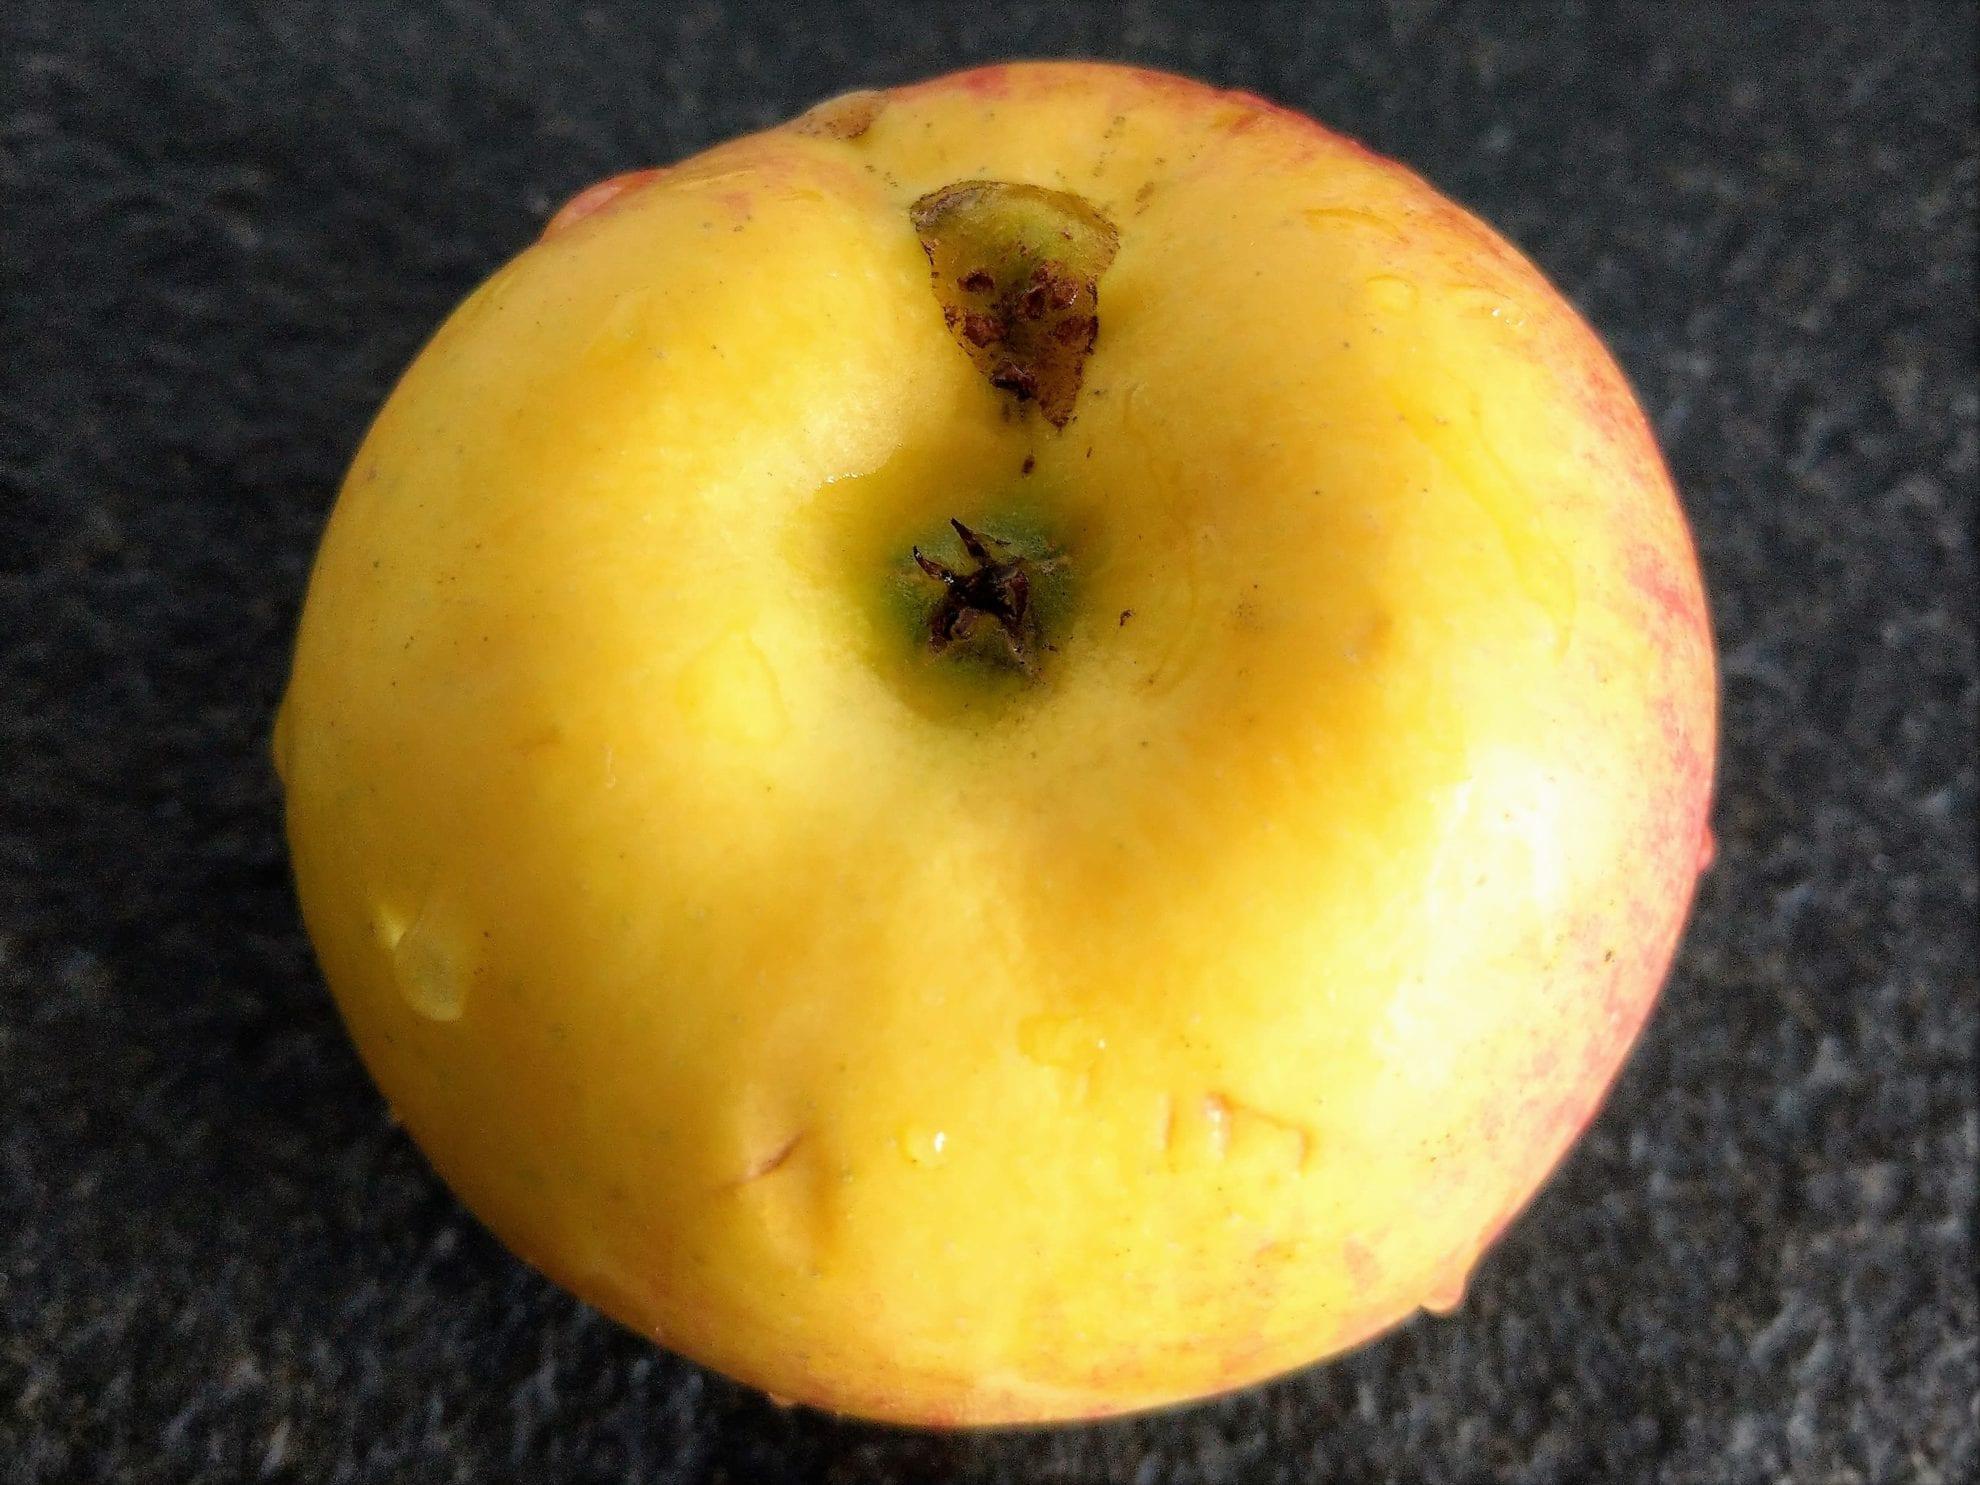 Apfelschnitten, Apfelkuchen, Rezept, Rezeptidee, Backen mit Kindern, Apfel, Zimt, Blätterteig